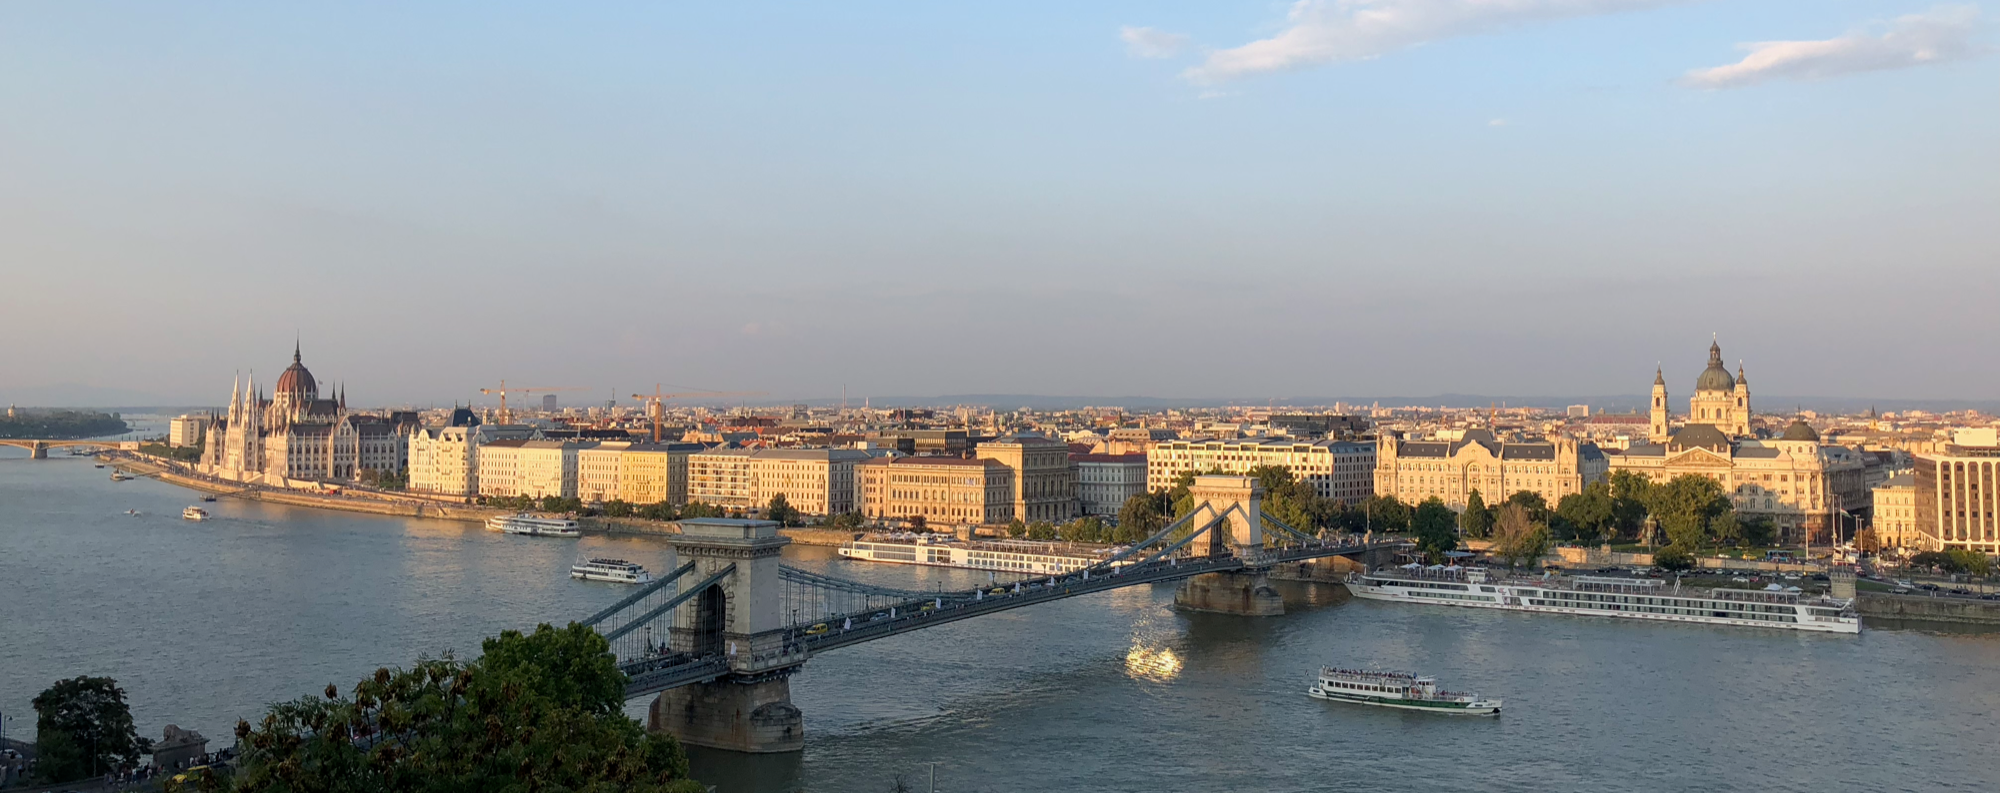 Budapest Gellert Hill Evening Panorama